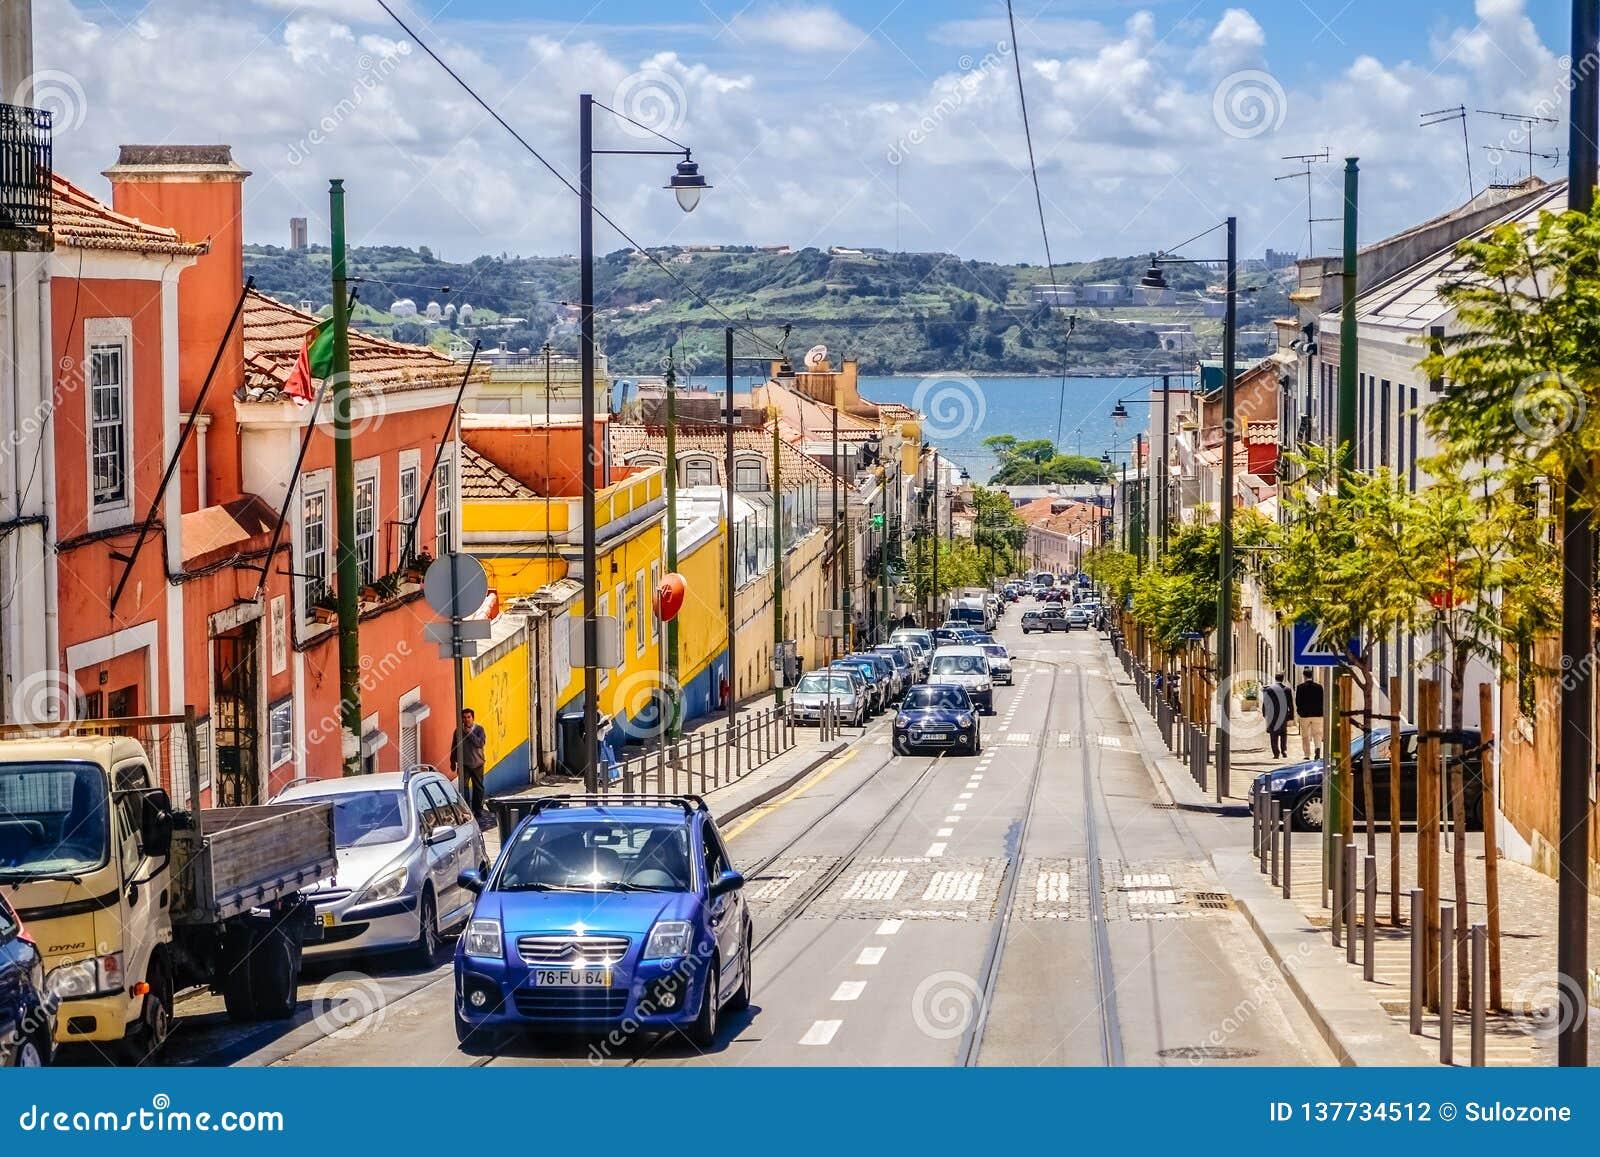 Ruch drogowy skłon ulica w Lisbon z kolorowymi budynkami wzdłuż pobocza i dennego widoku